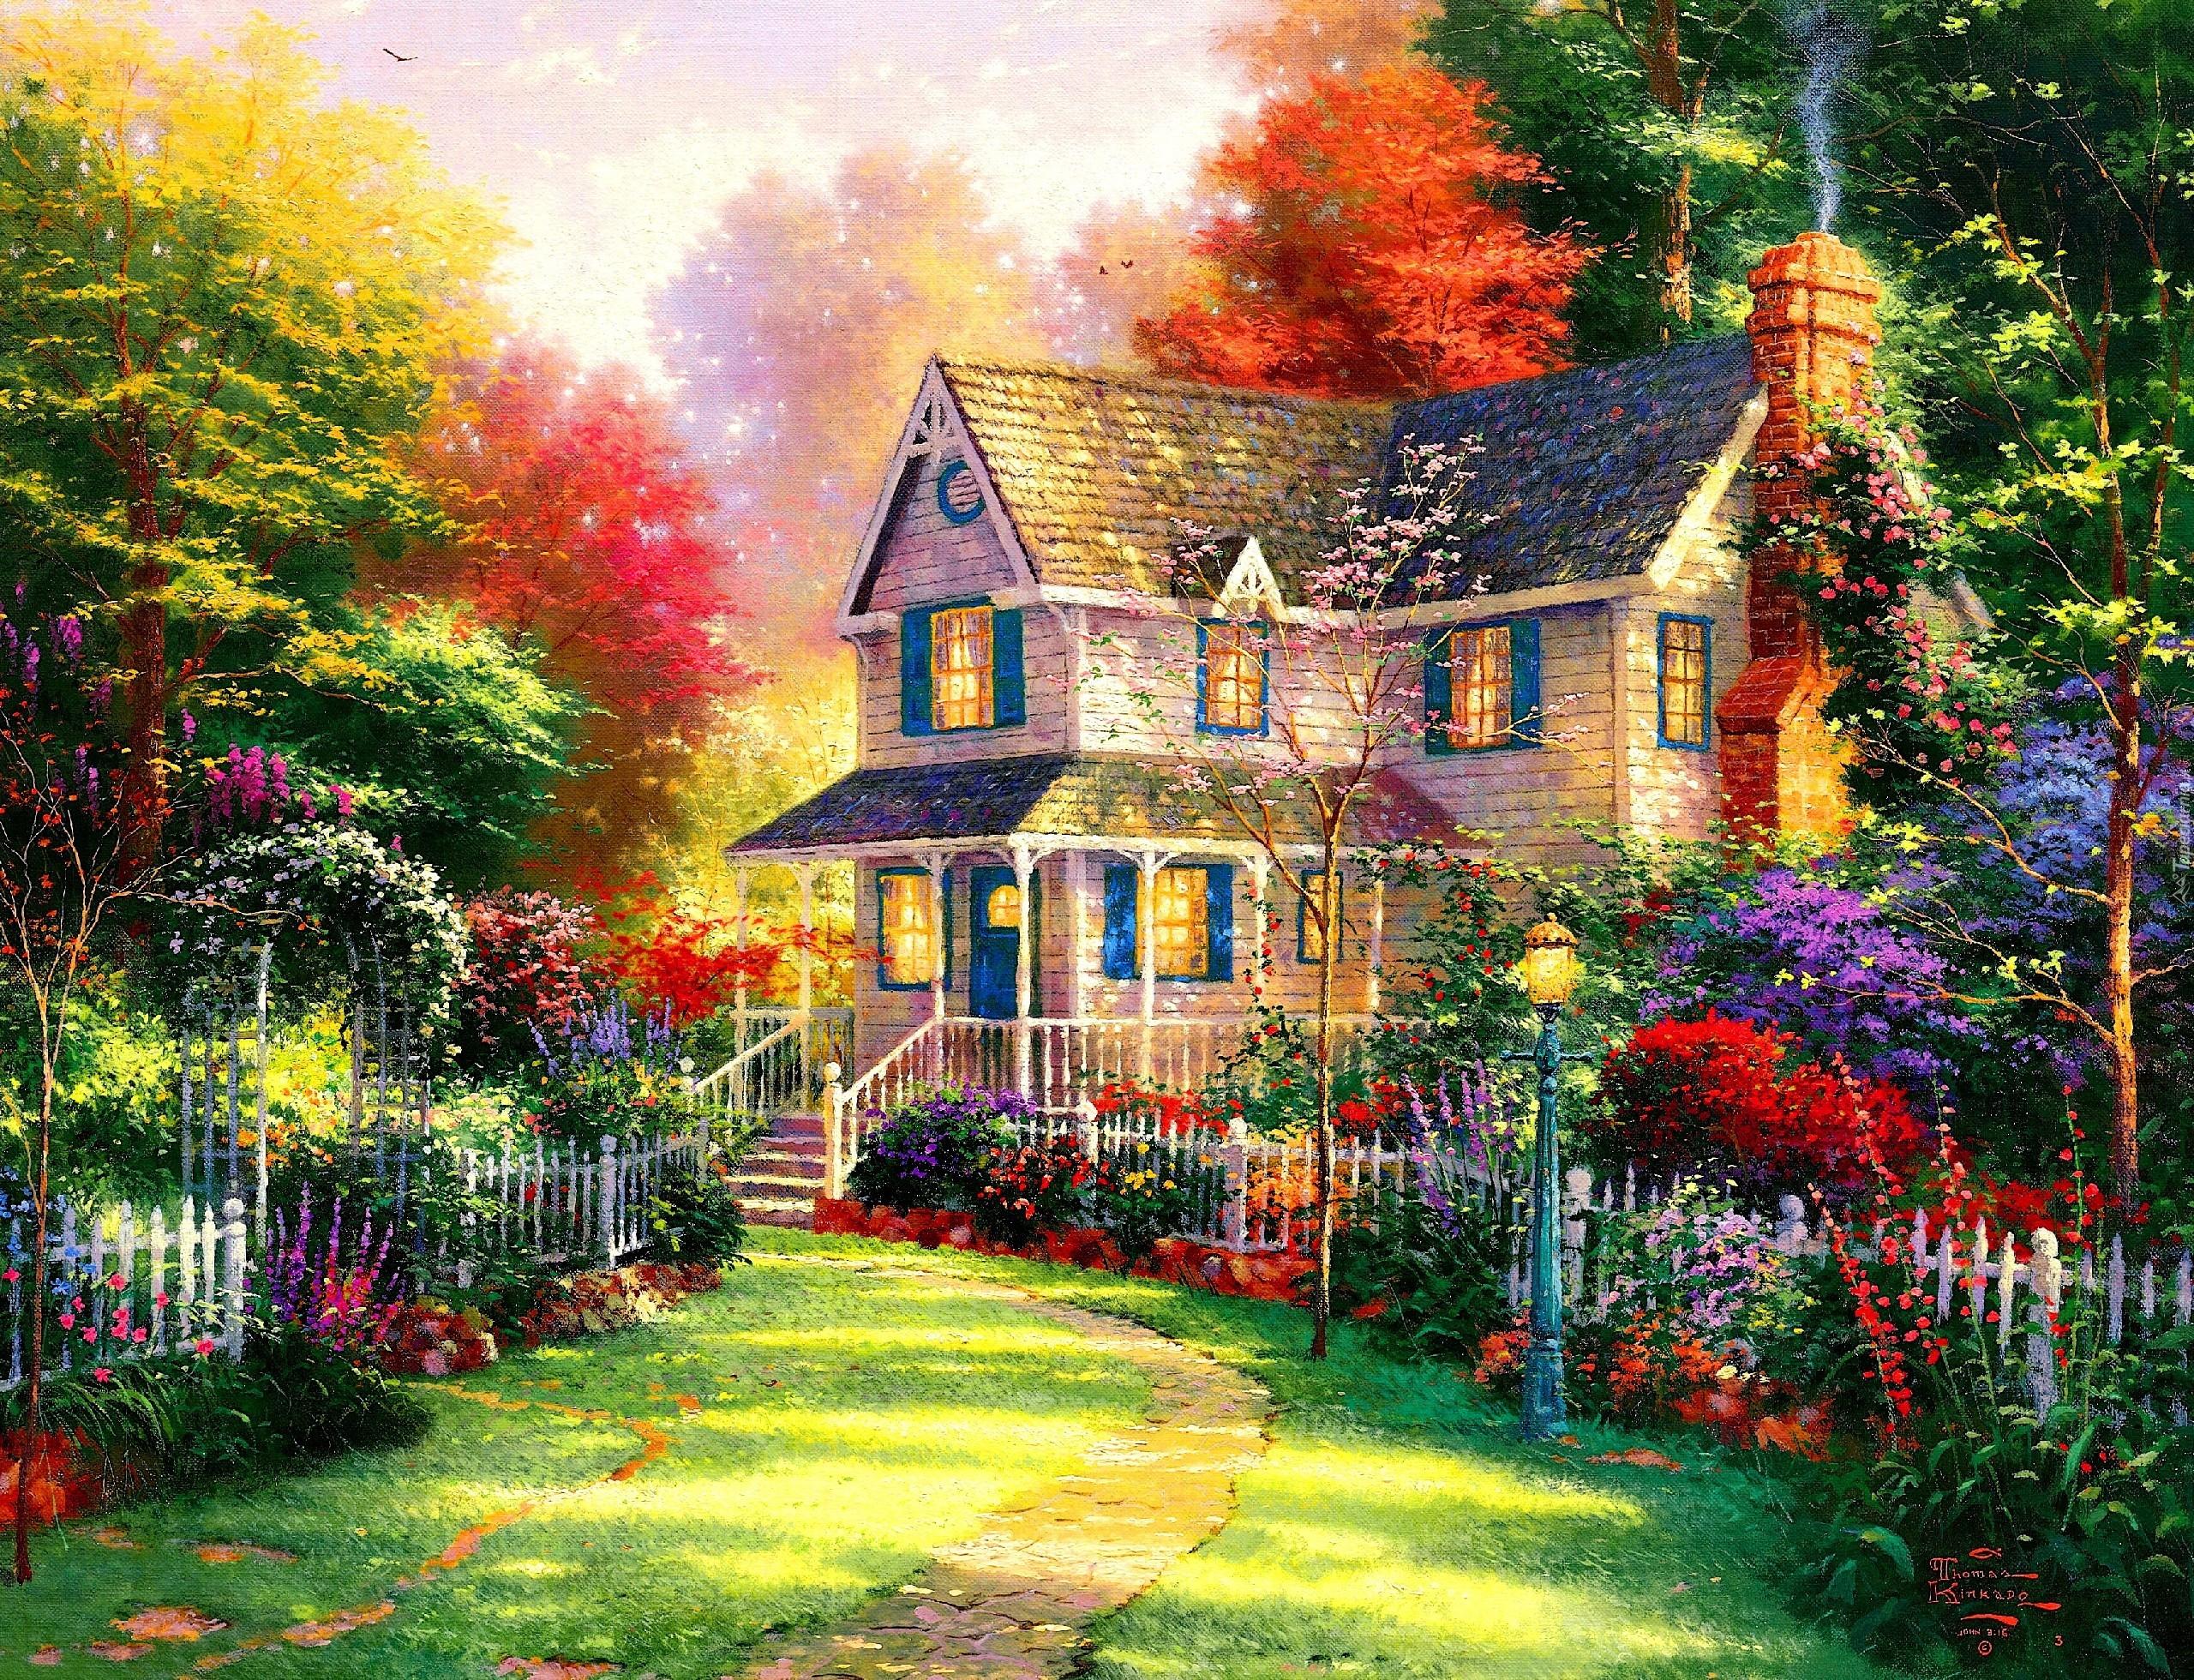 Dom Kolorowe Drzewa Krzewy Kwiaty Obraz